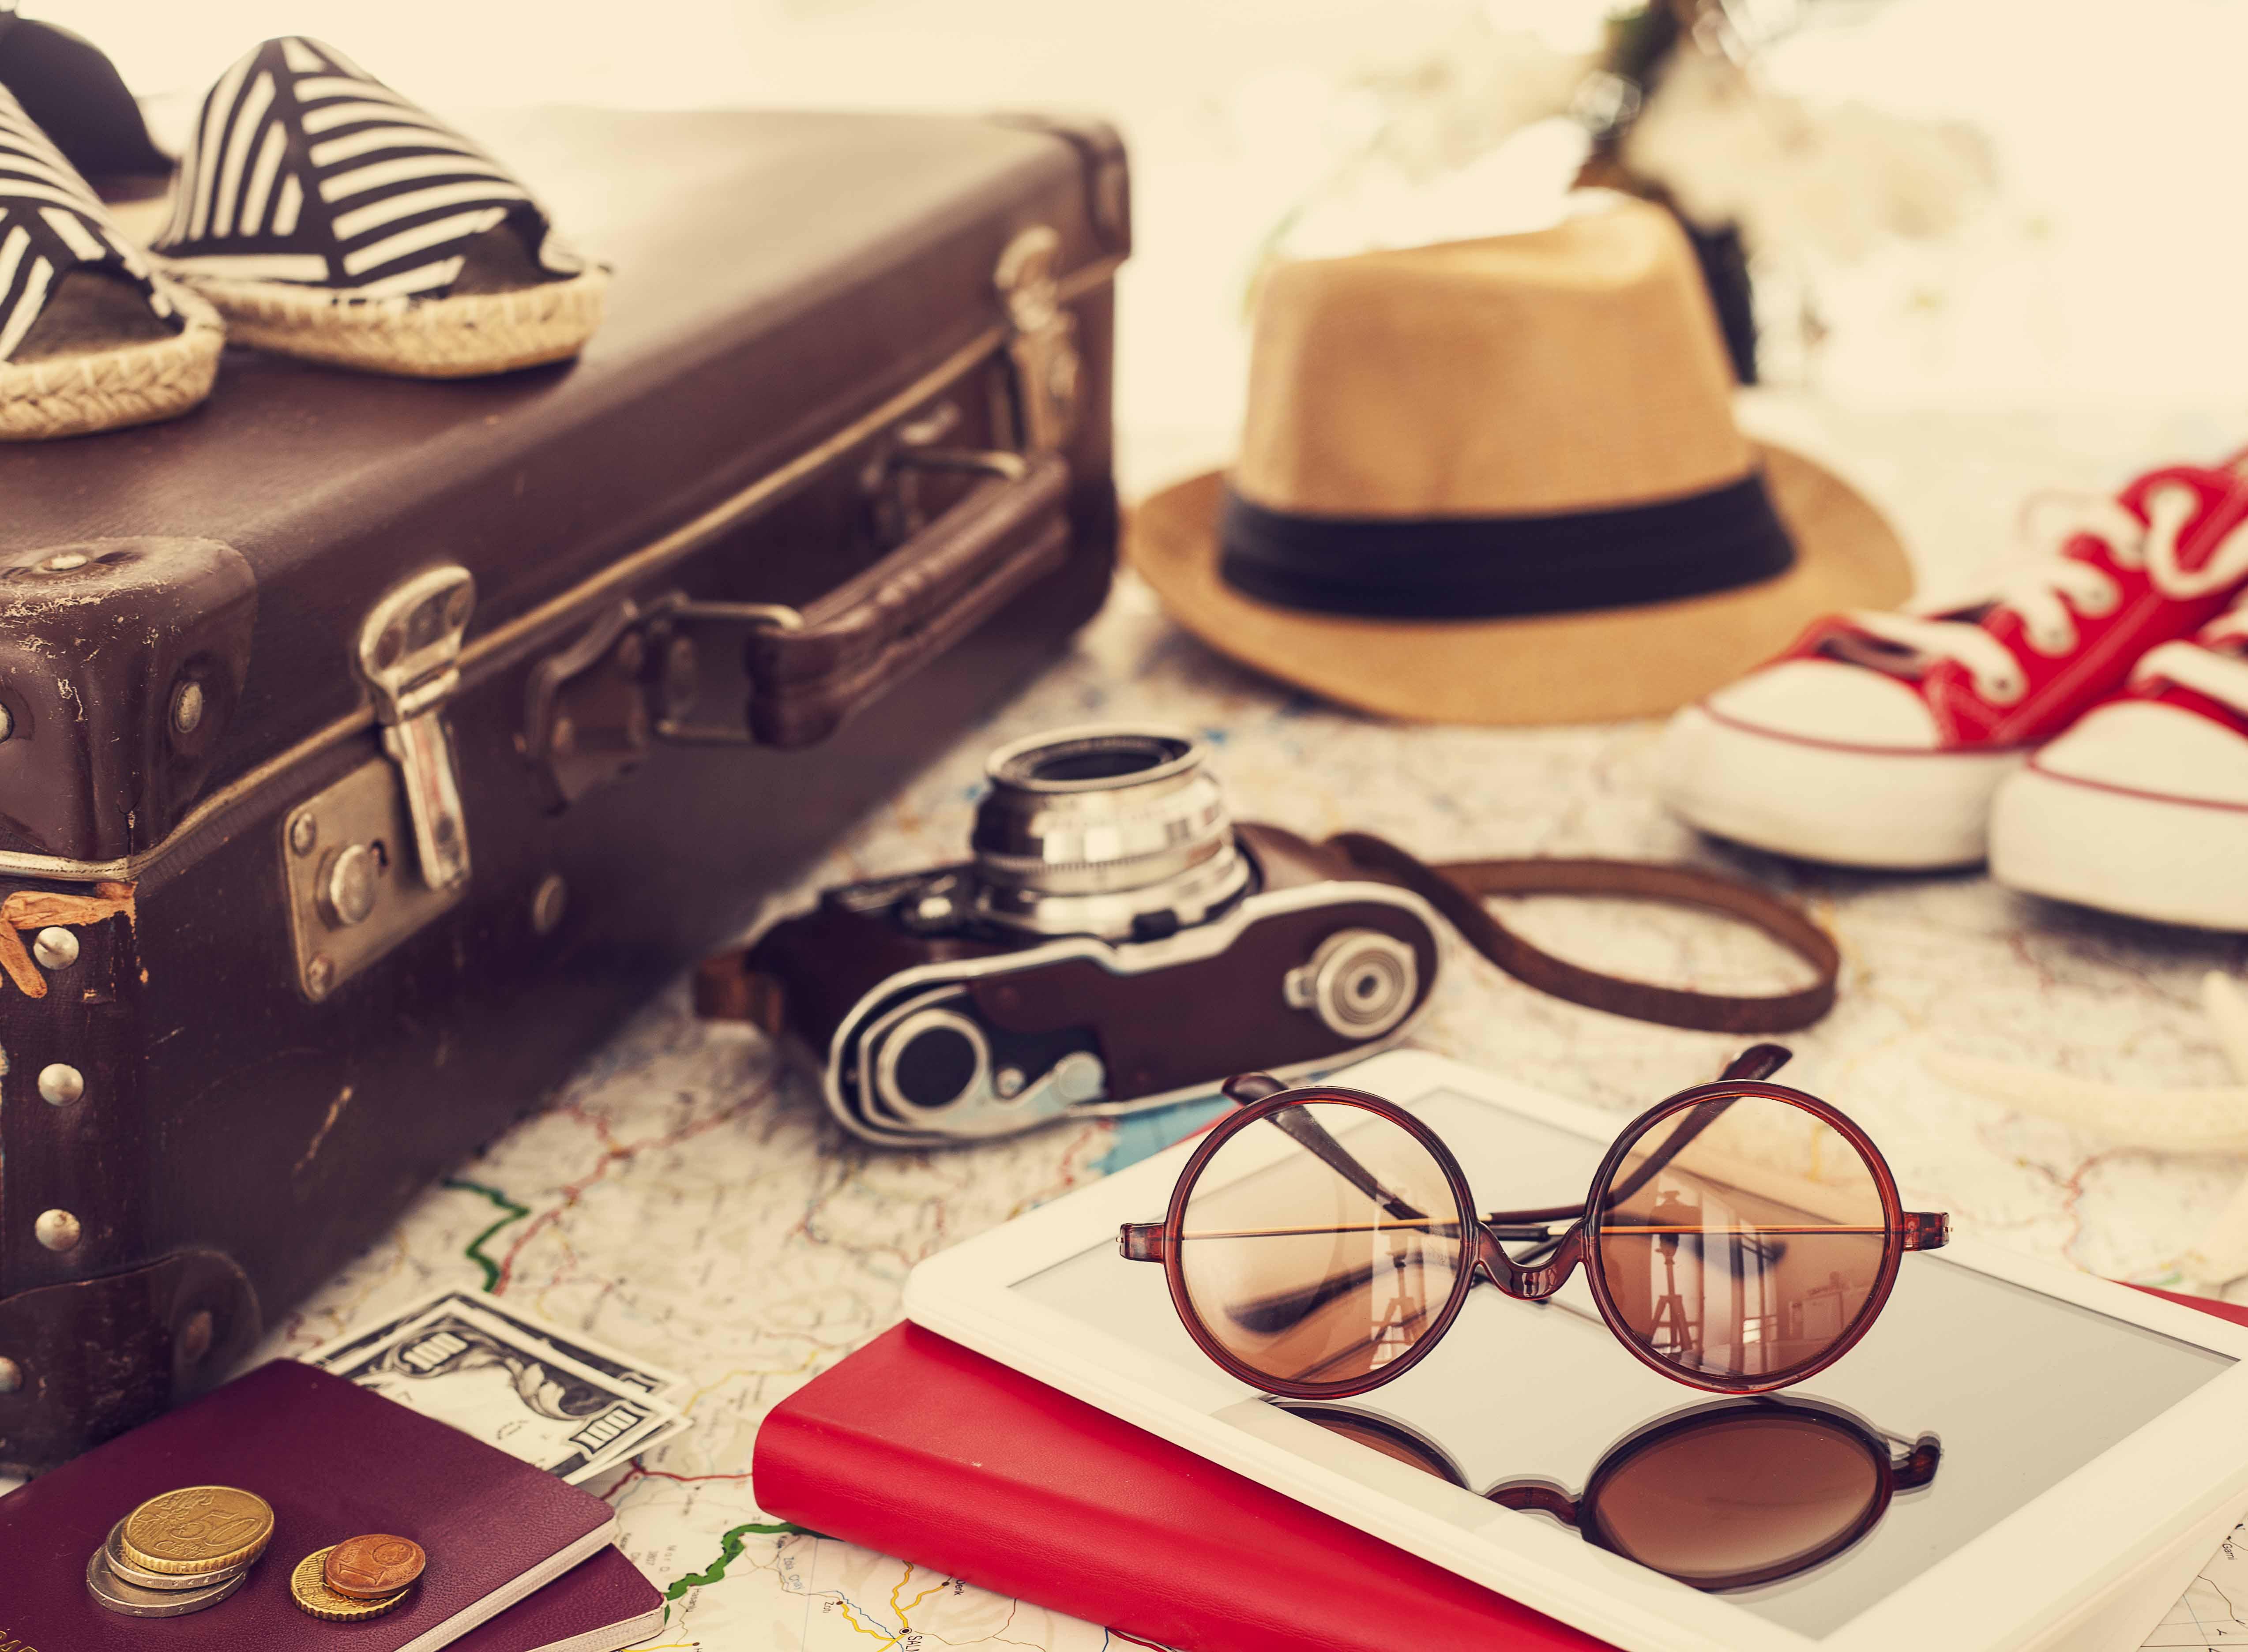 Pas goed op je spullen, ook op reis